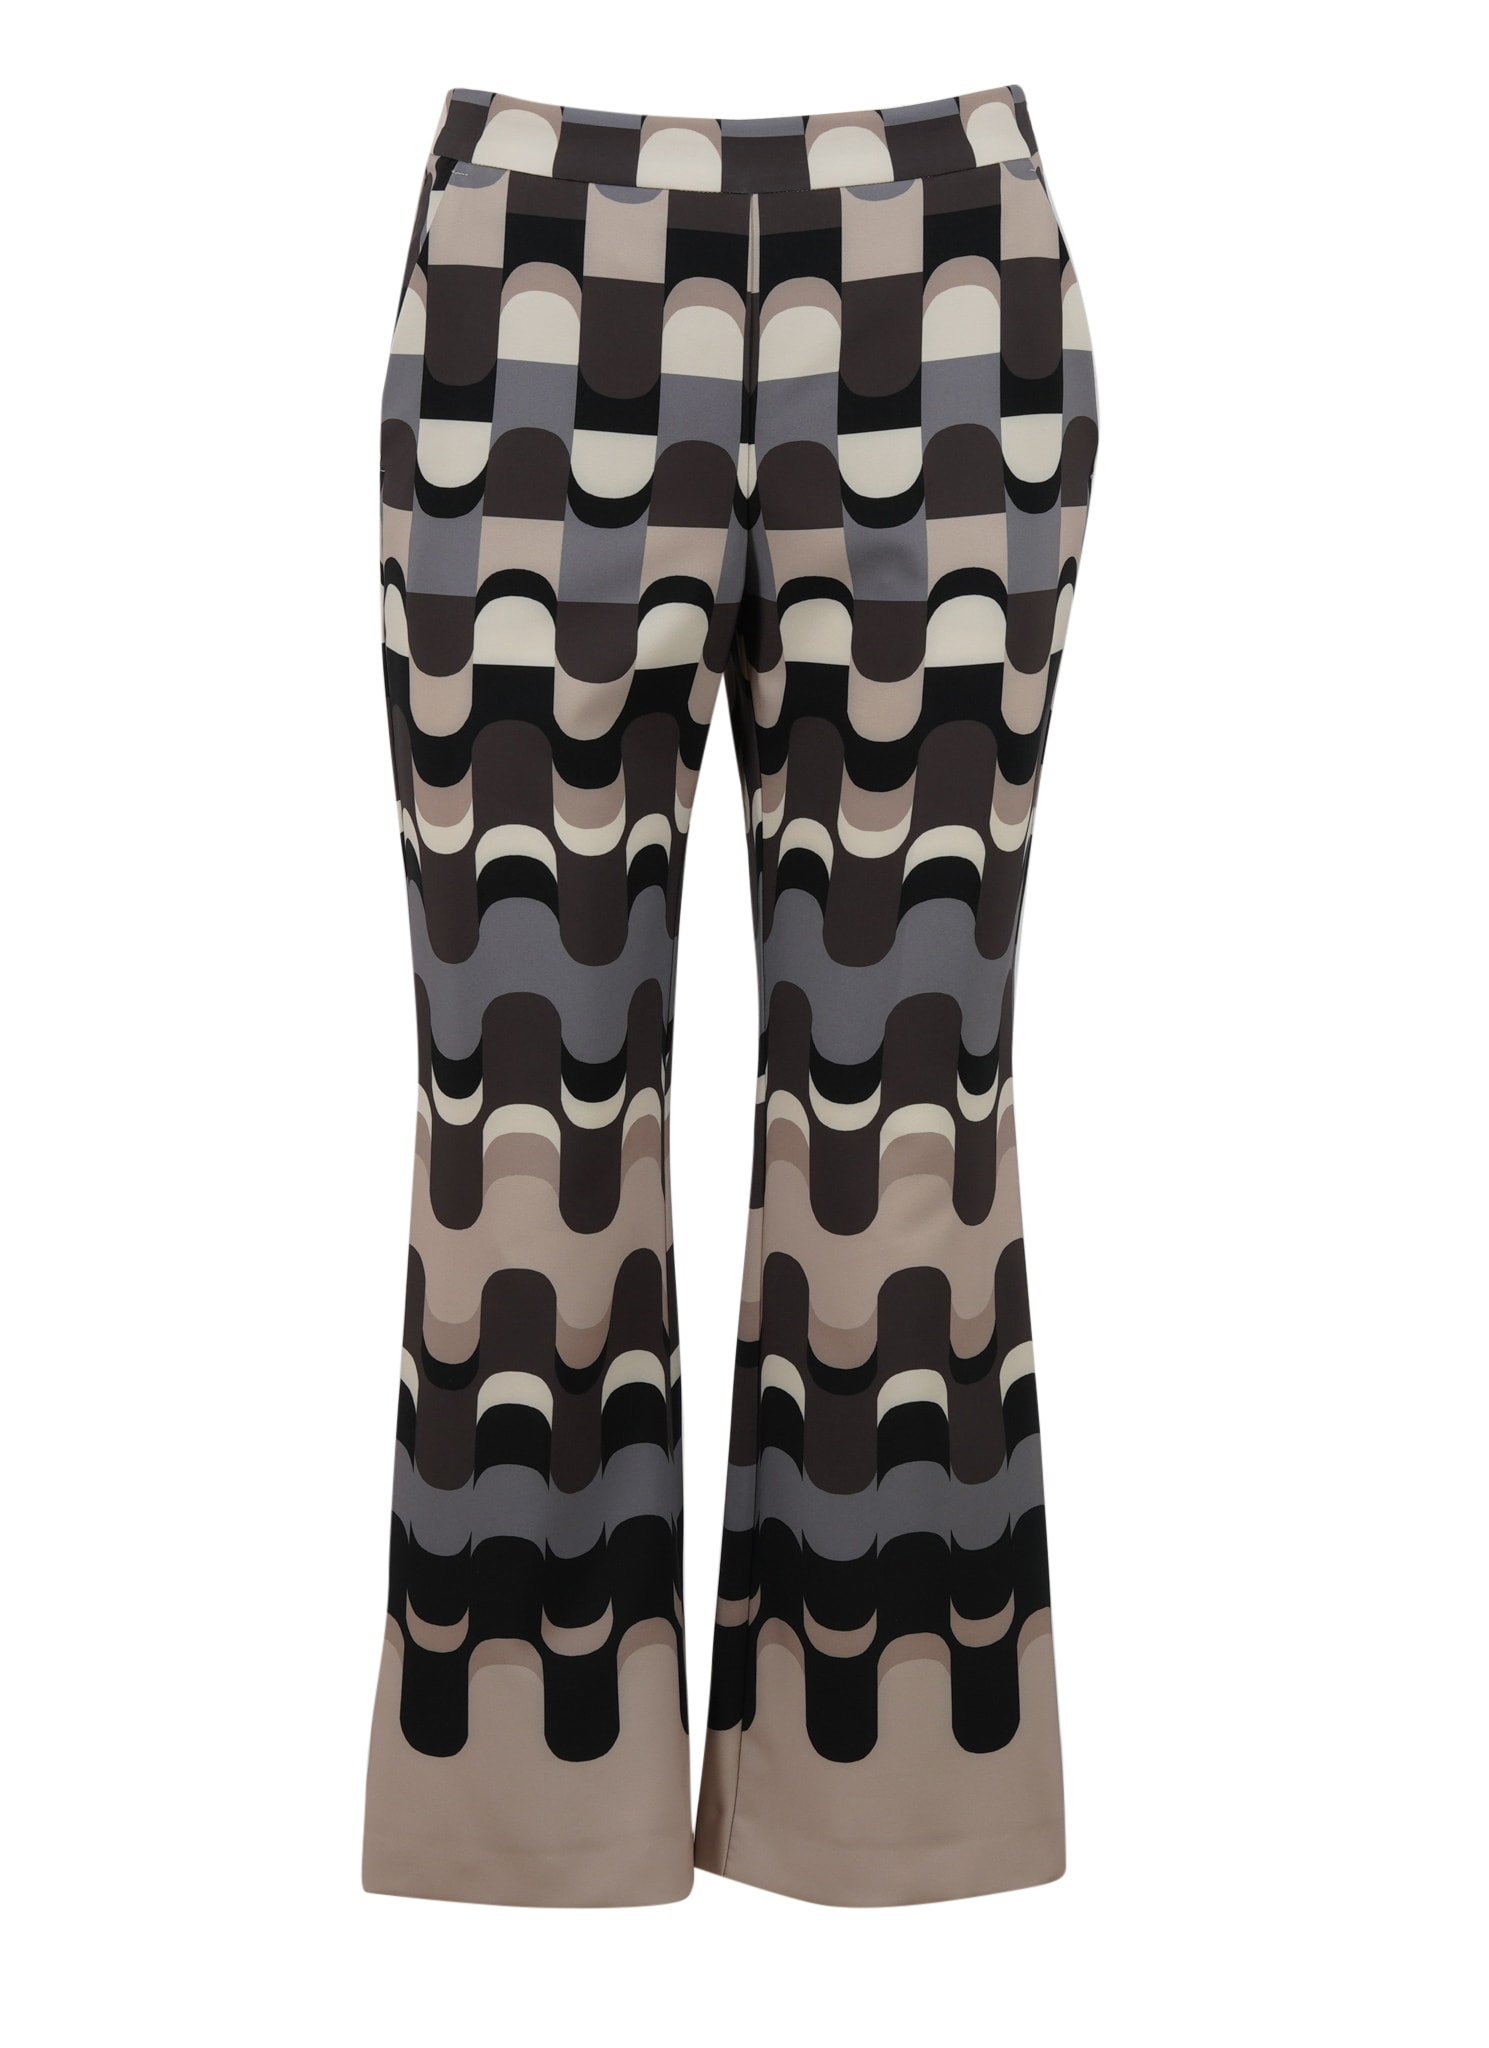 Pantalone Neo Modern Trousers